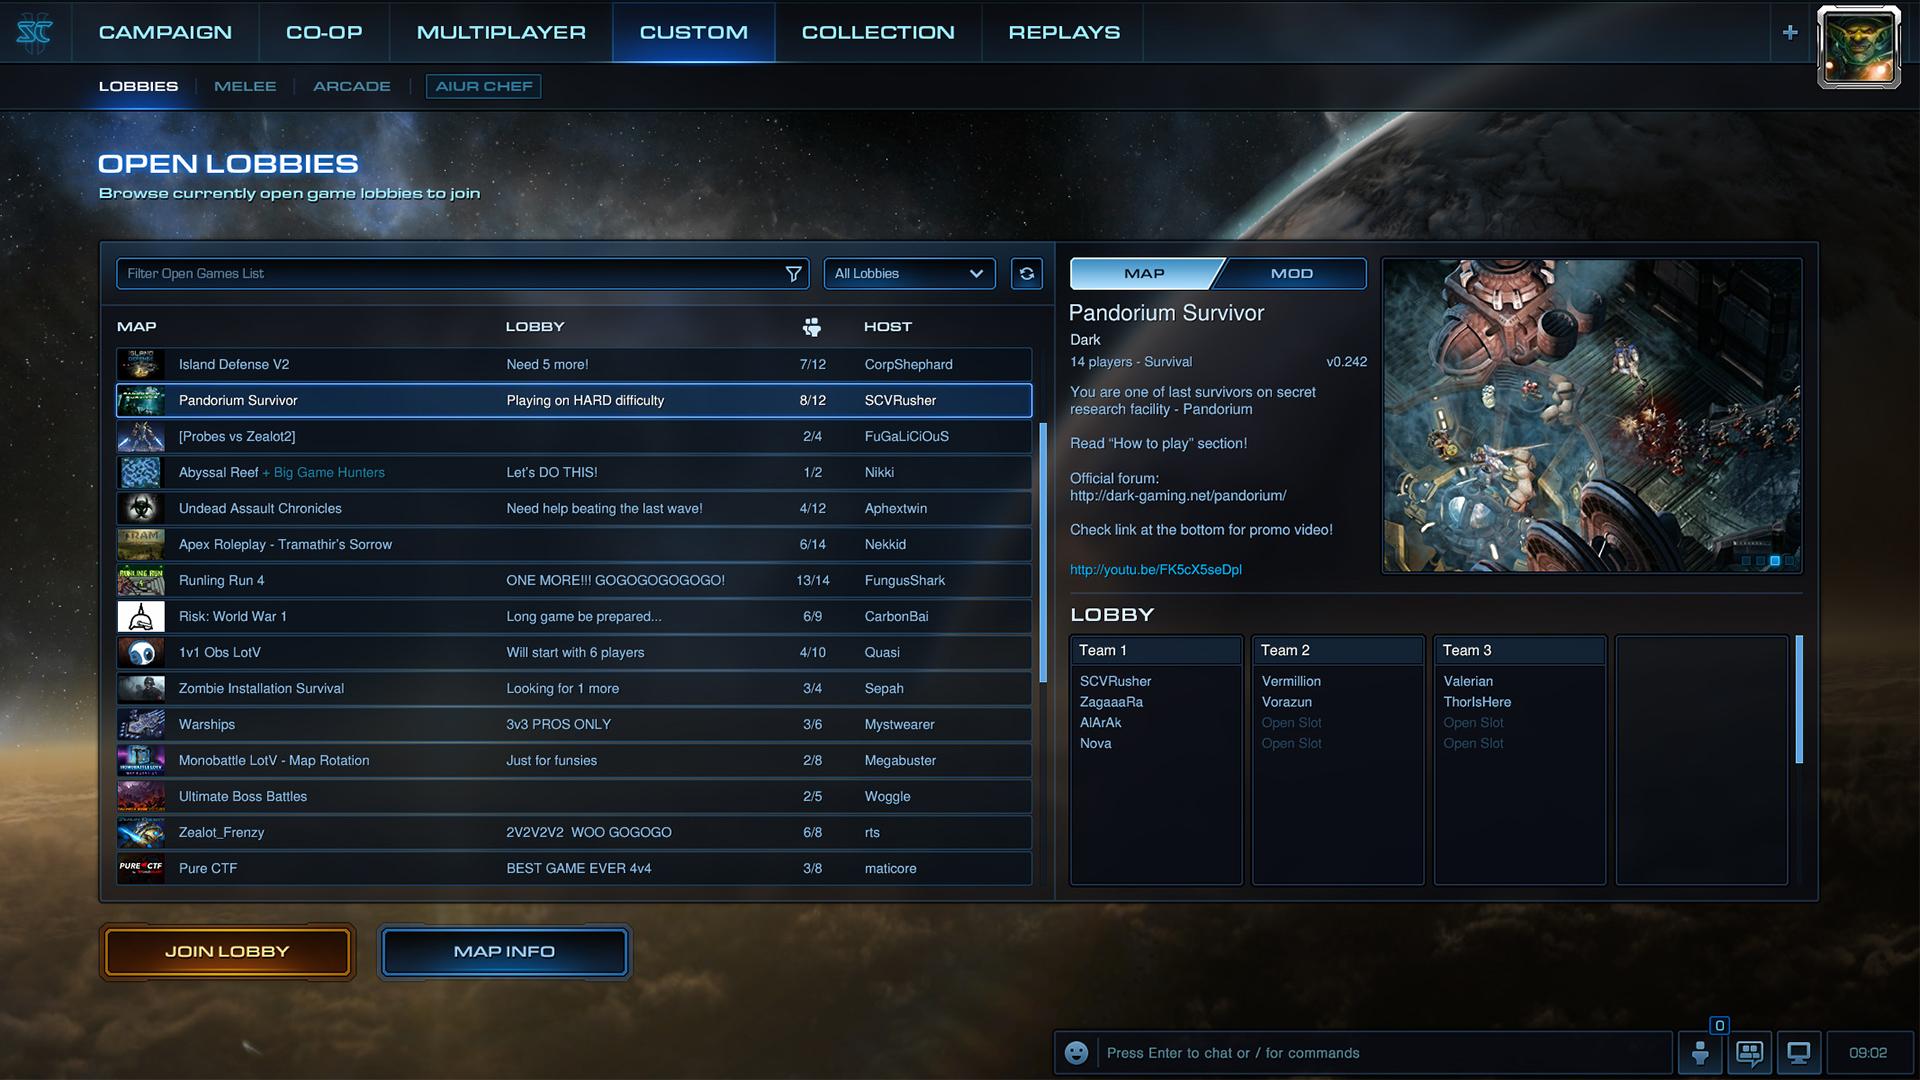 《星际争霸2》3.19版本预览:游戏大厅改进